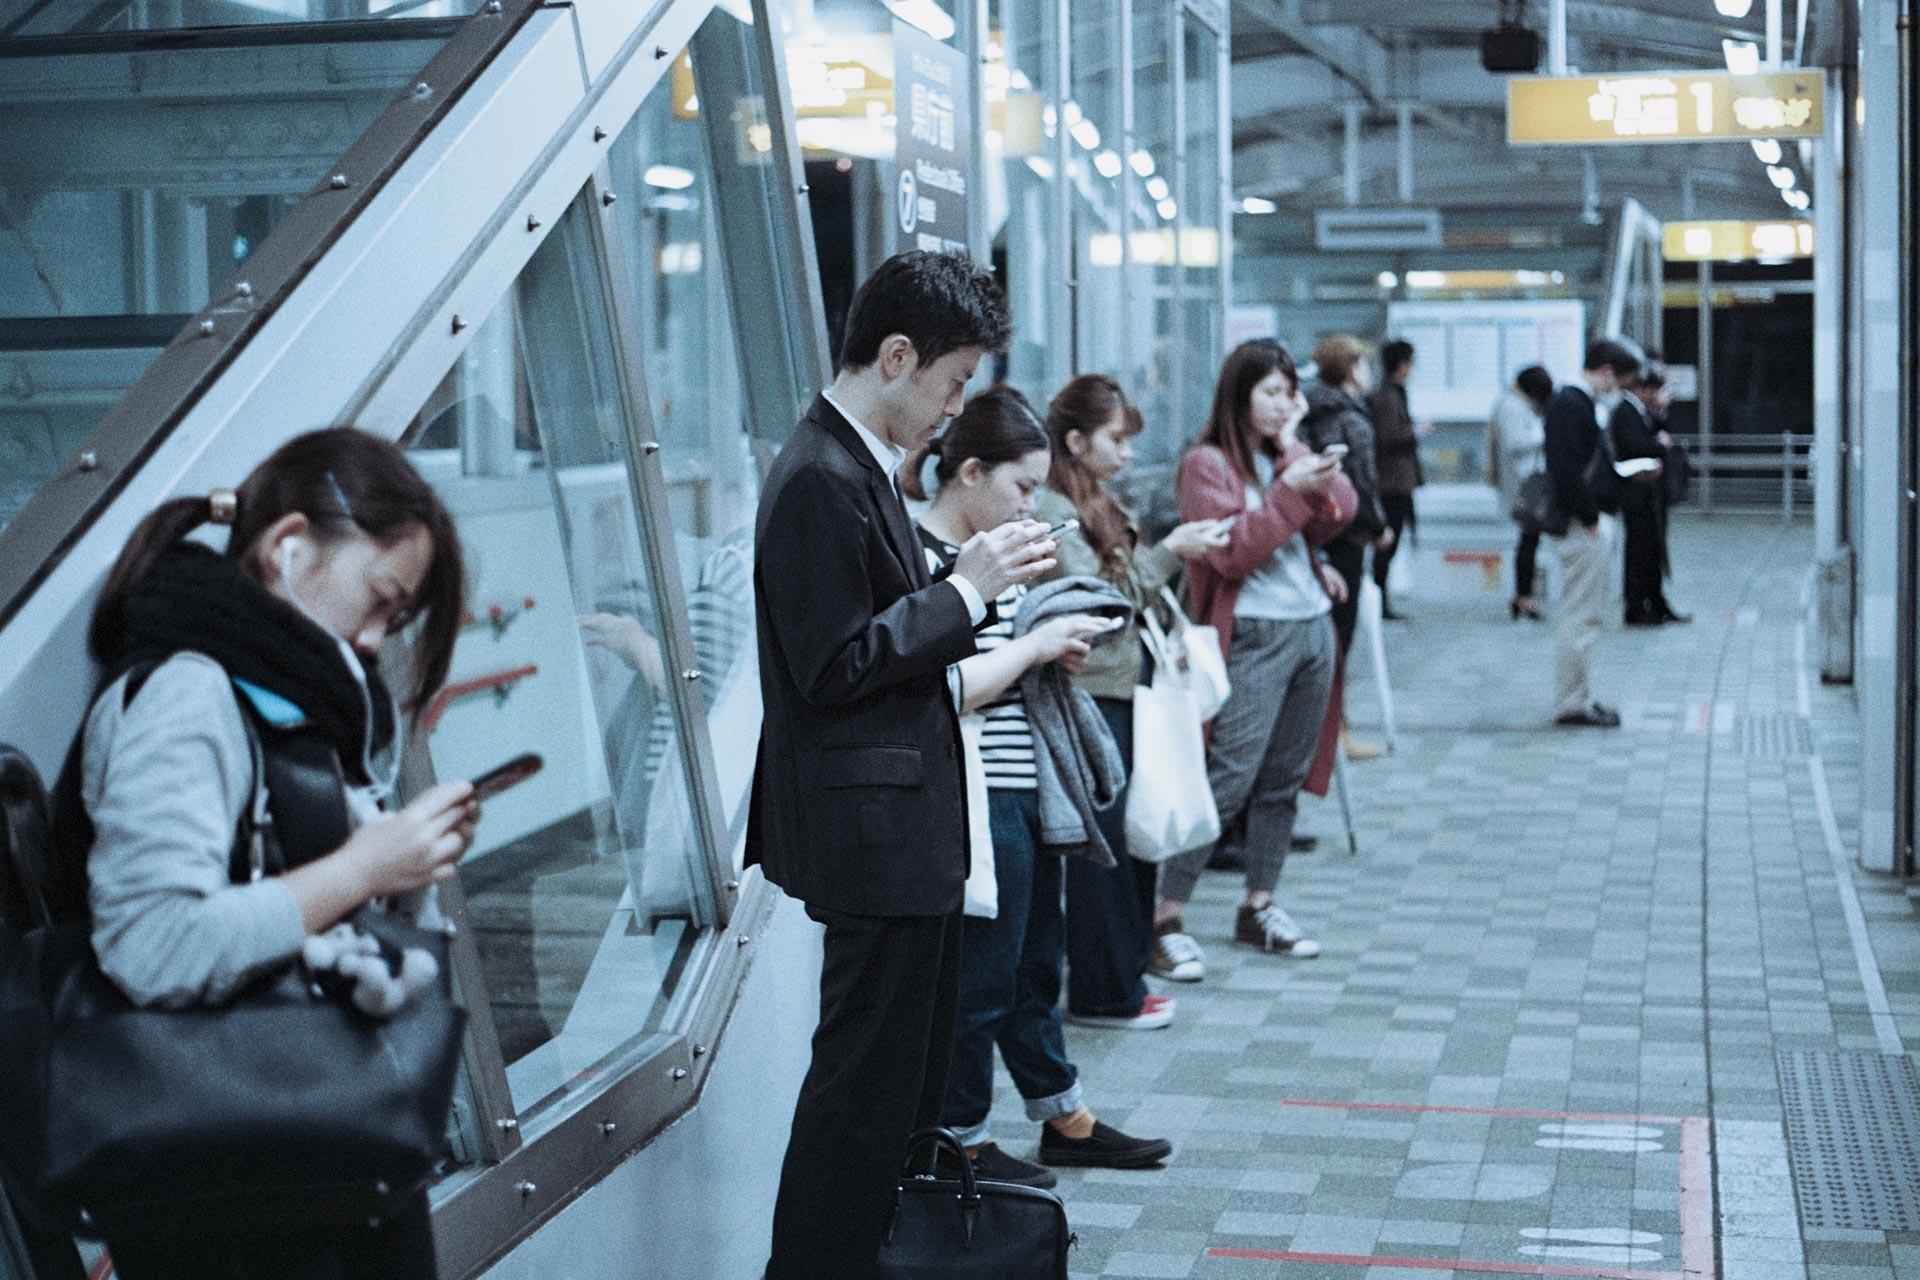 Atribuciones Varias personas mirando su teléfono móvil